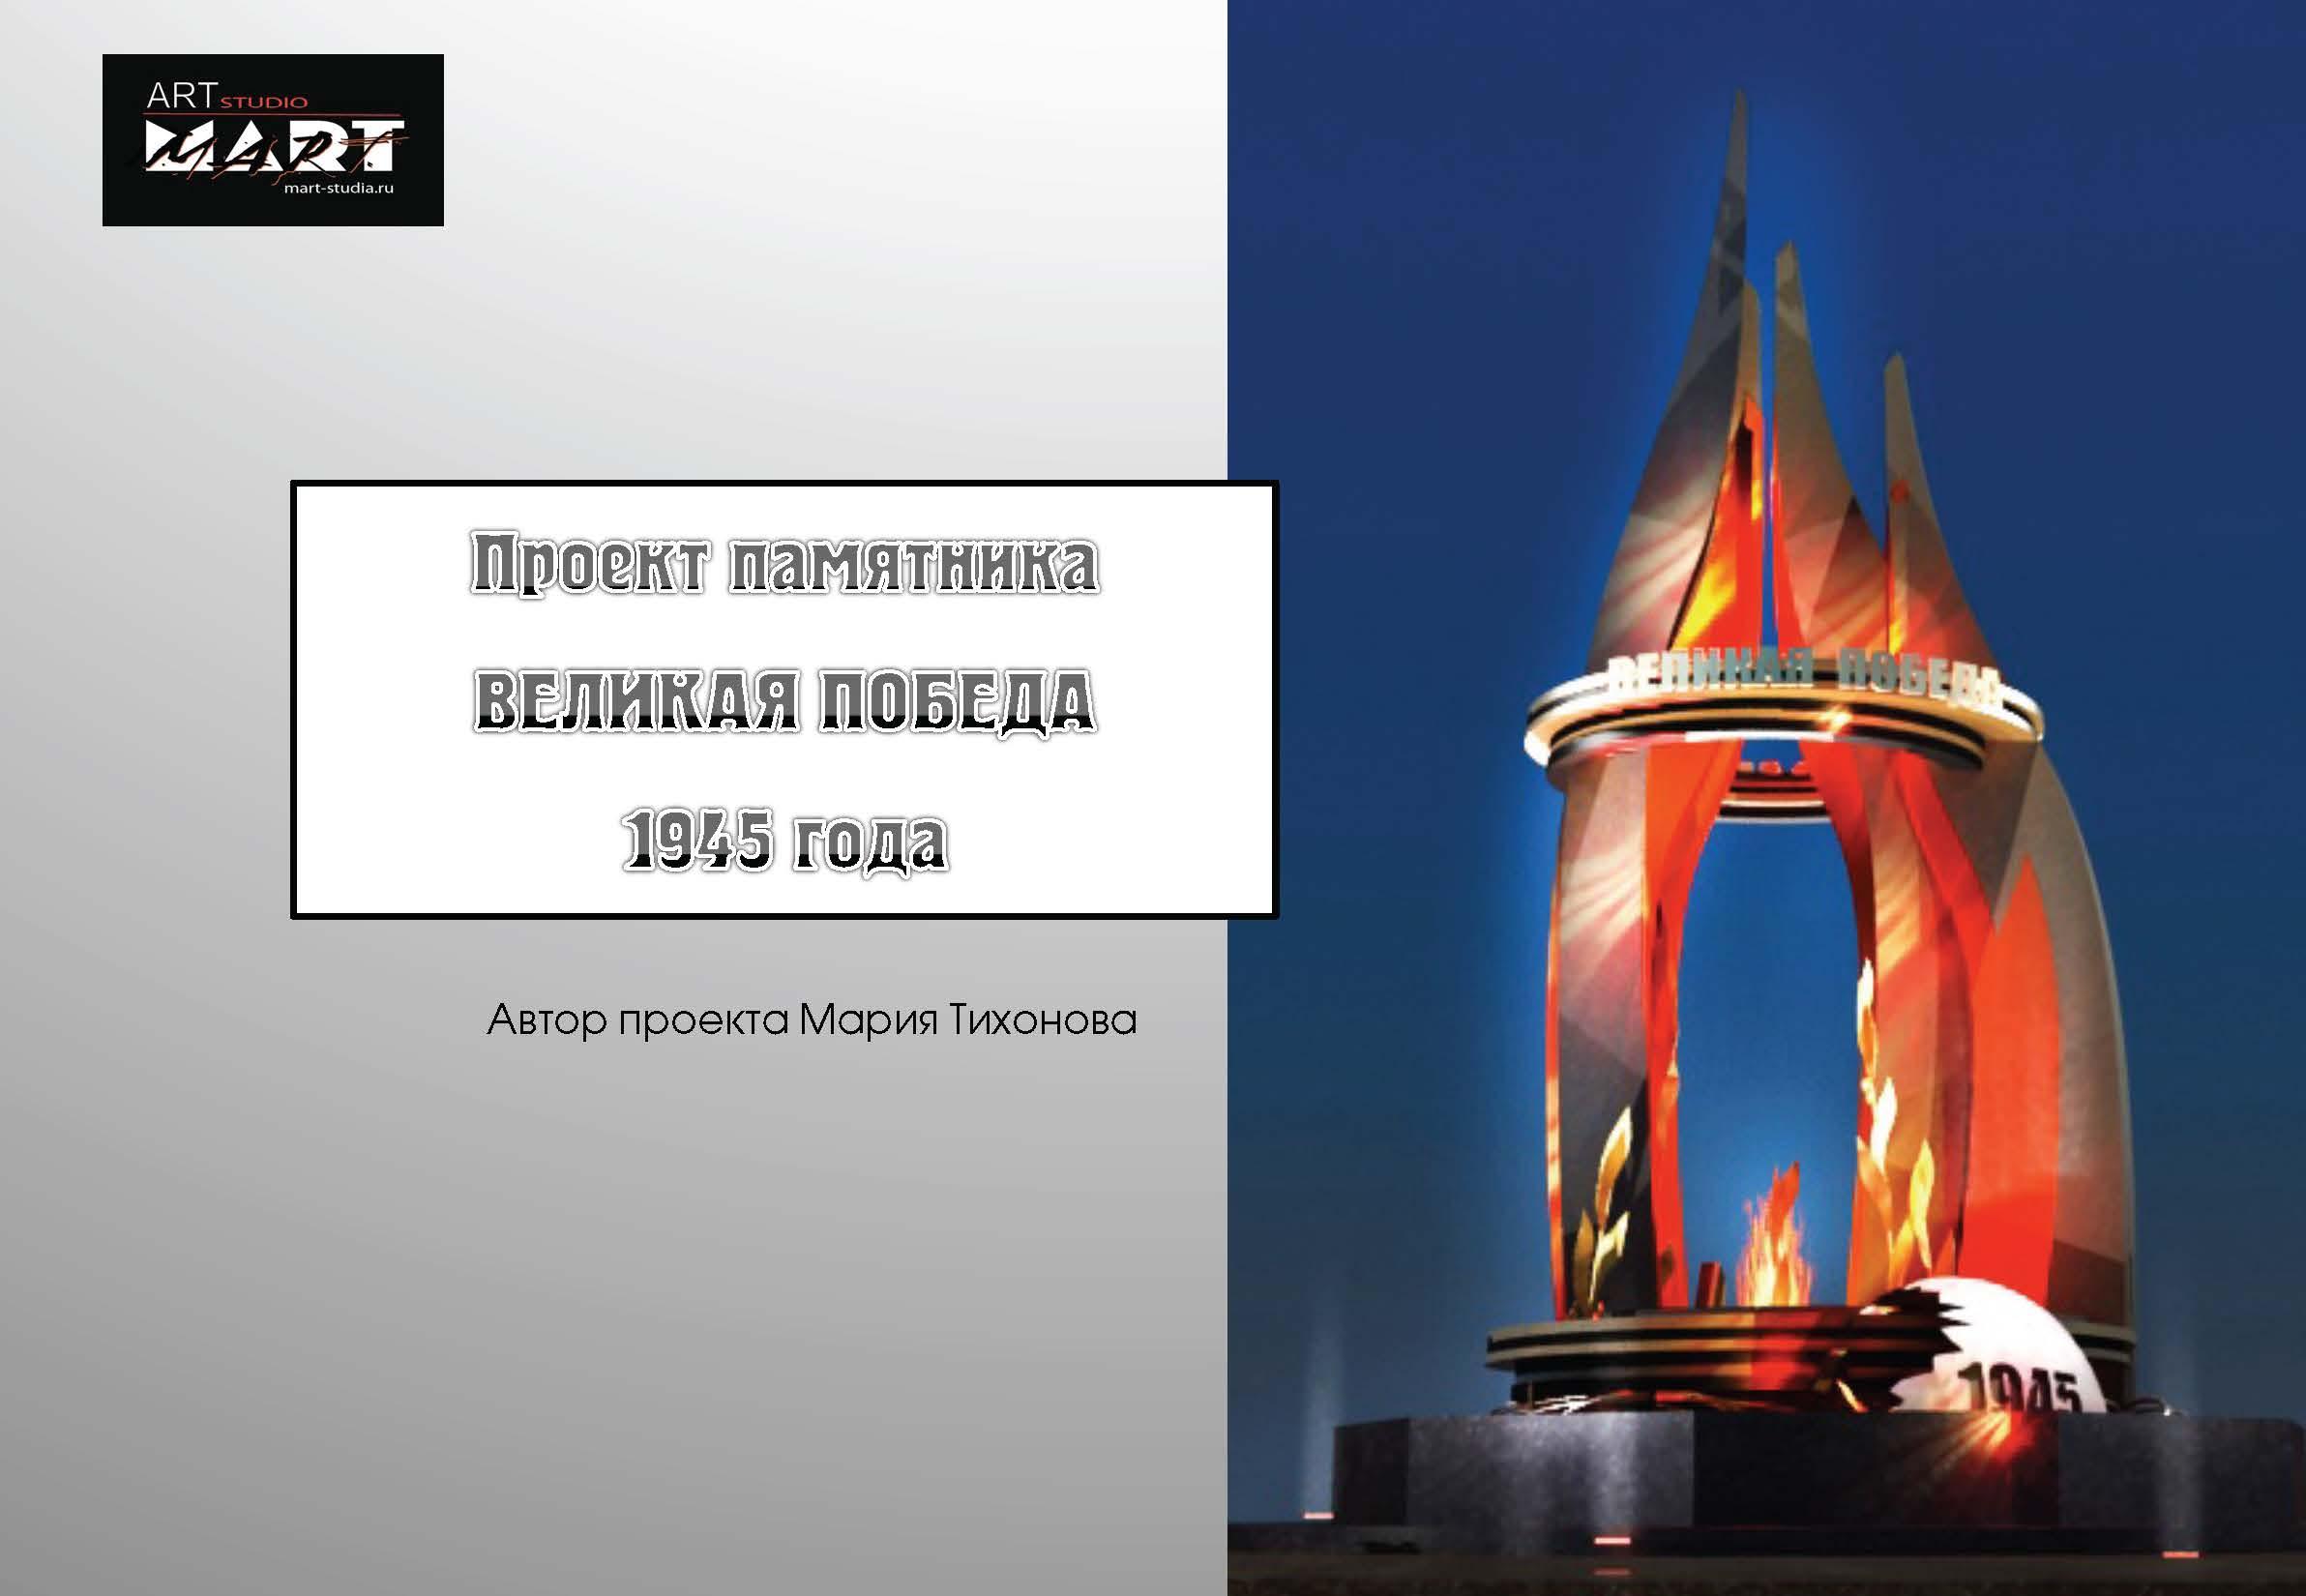 памятник ВЕЛИКАЯ ПОБЕДА